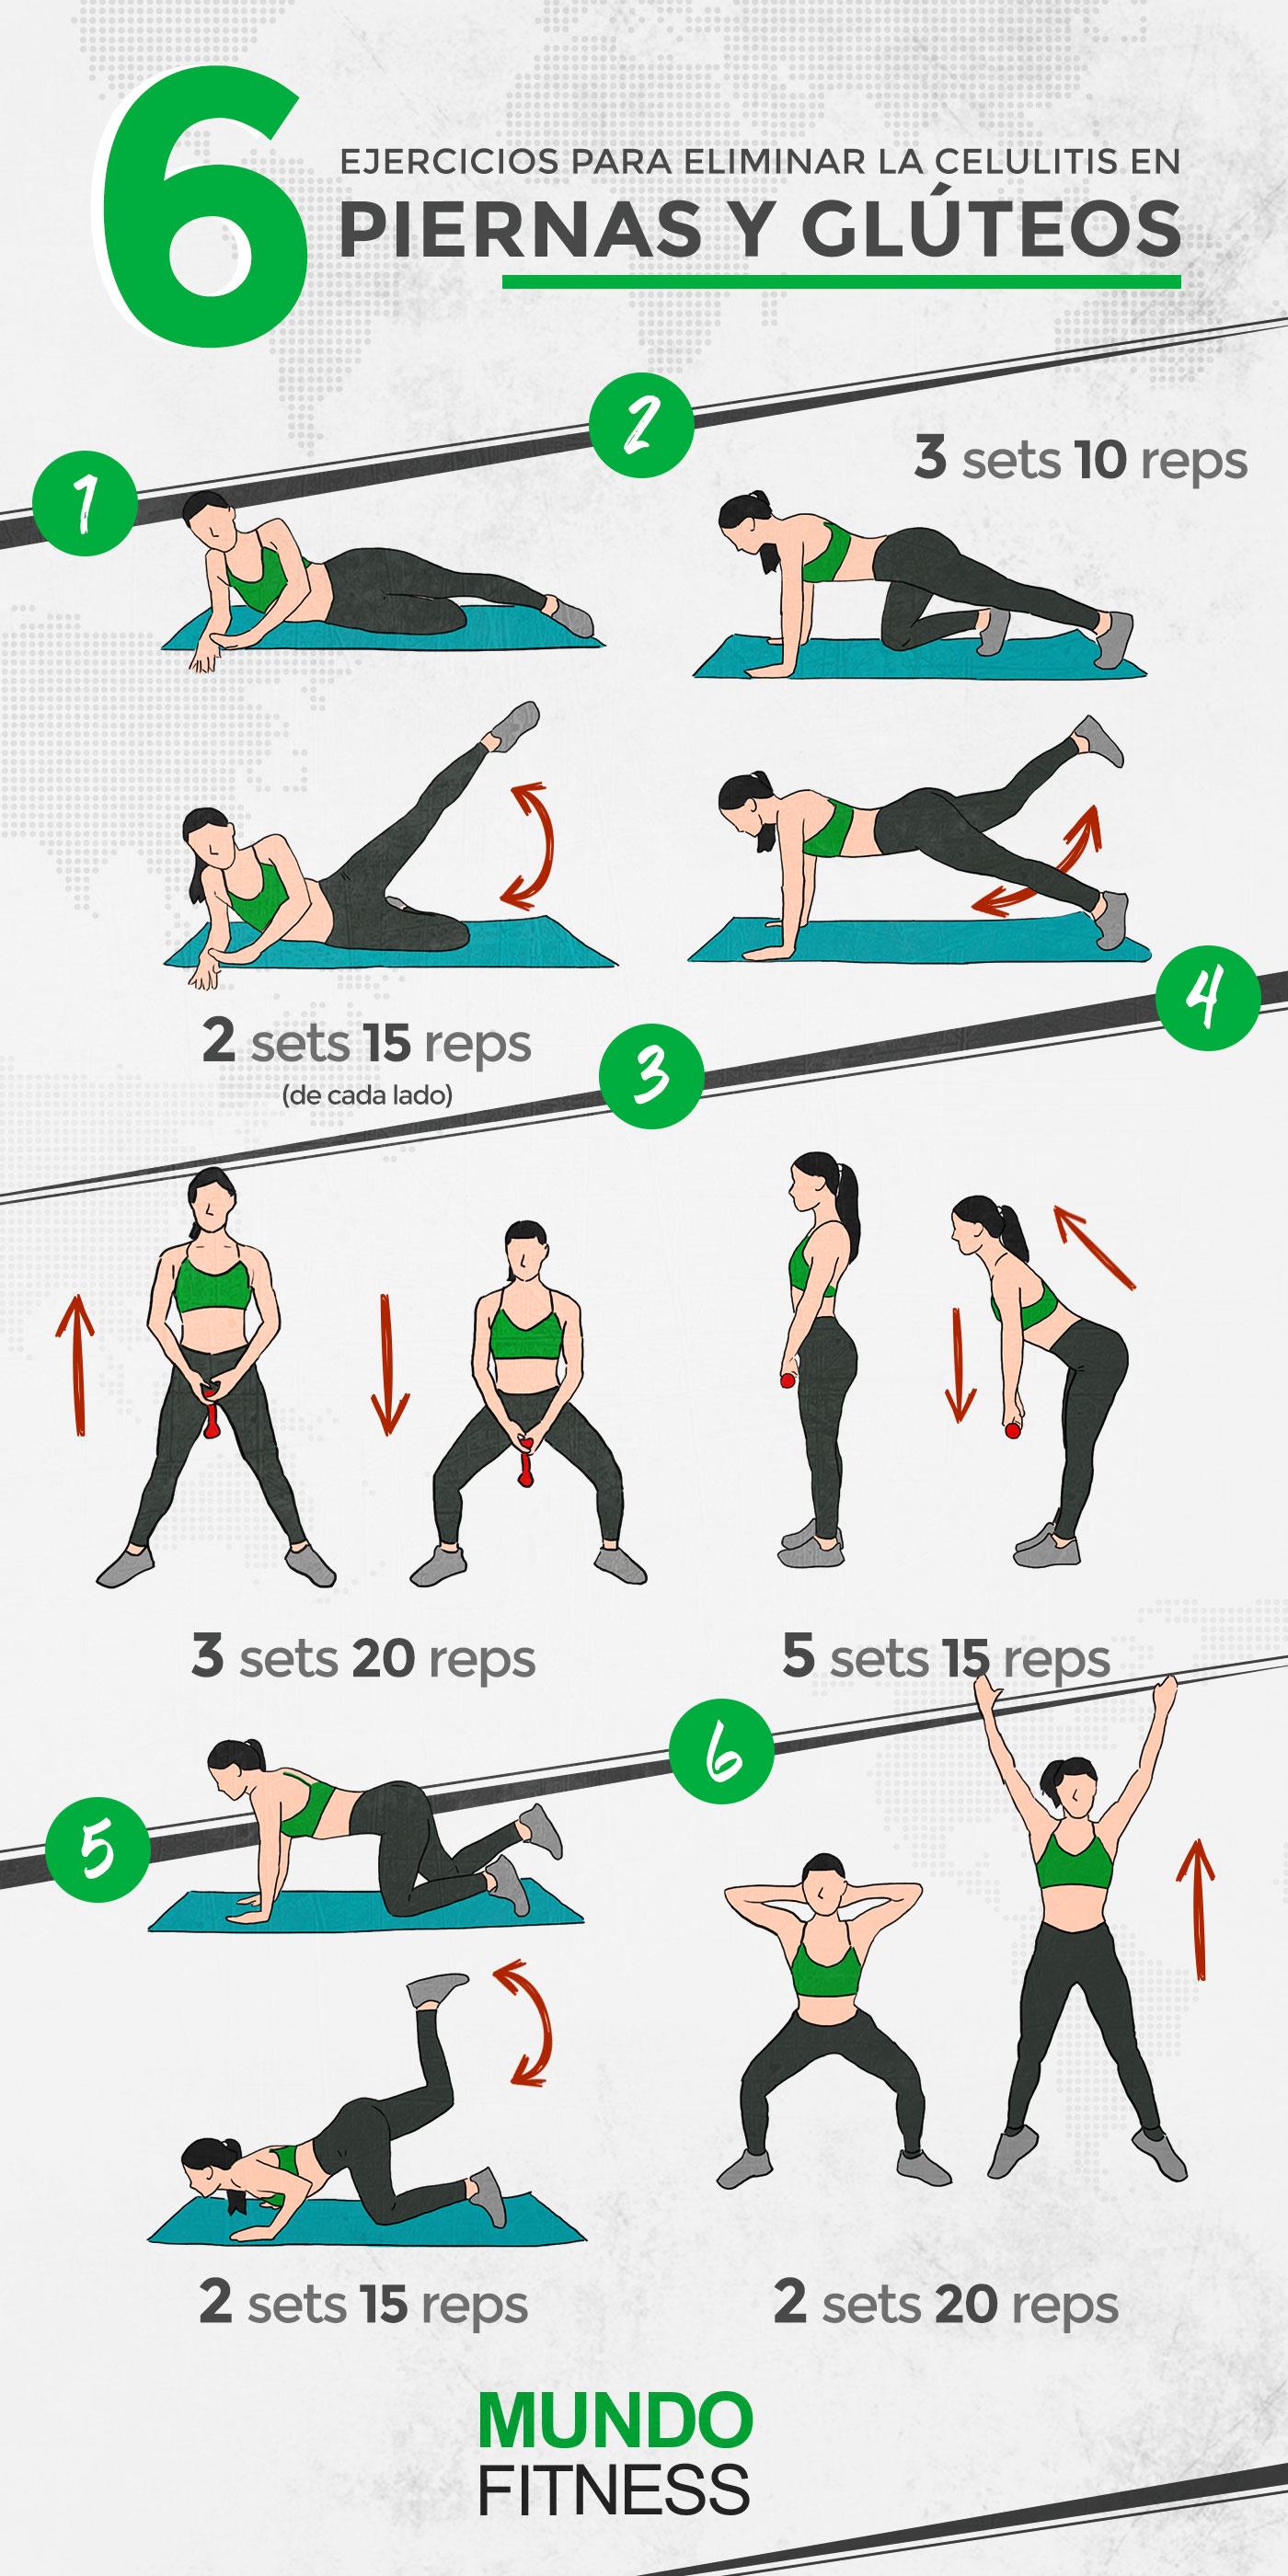 6 Ejercicios Para Eliminar La Celulitis En Piernas Y Glúteos Mundo Fitness